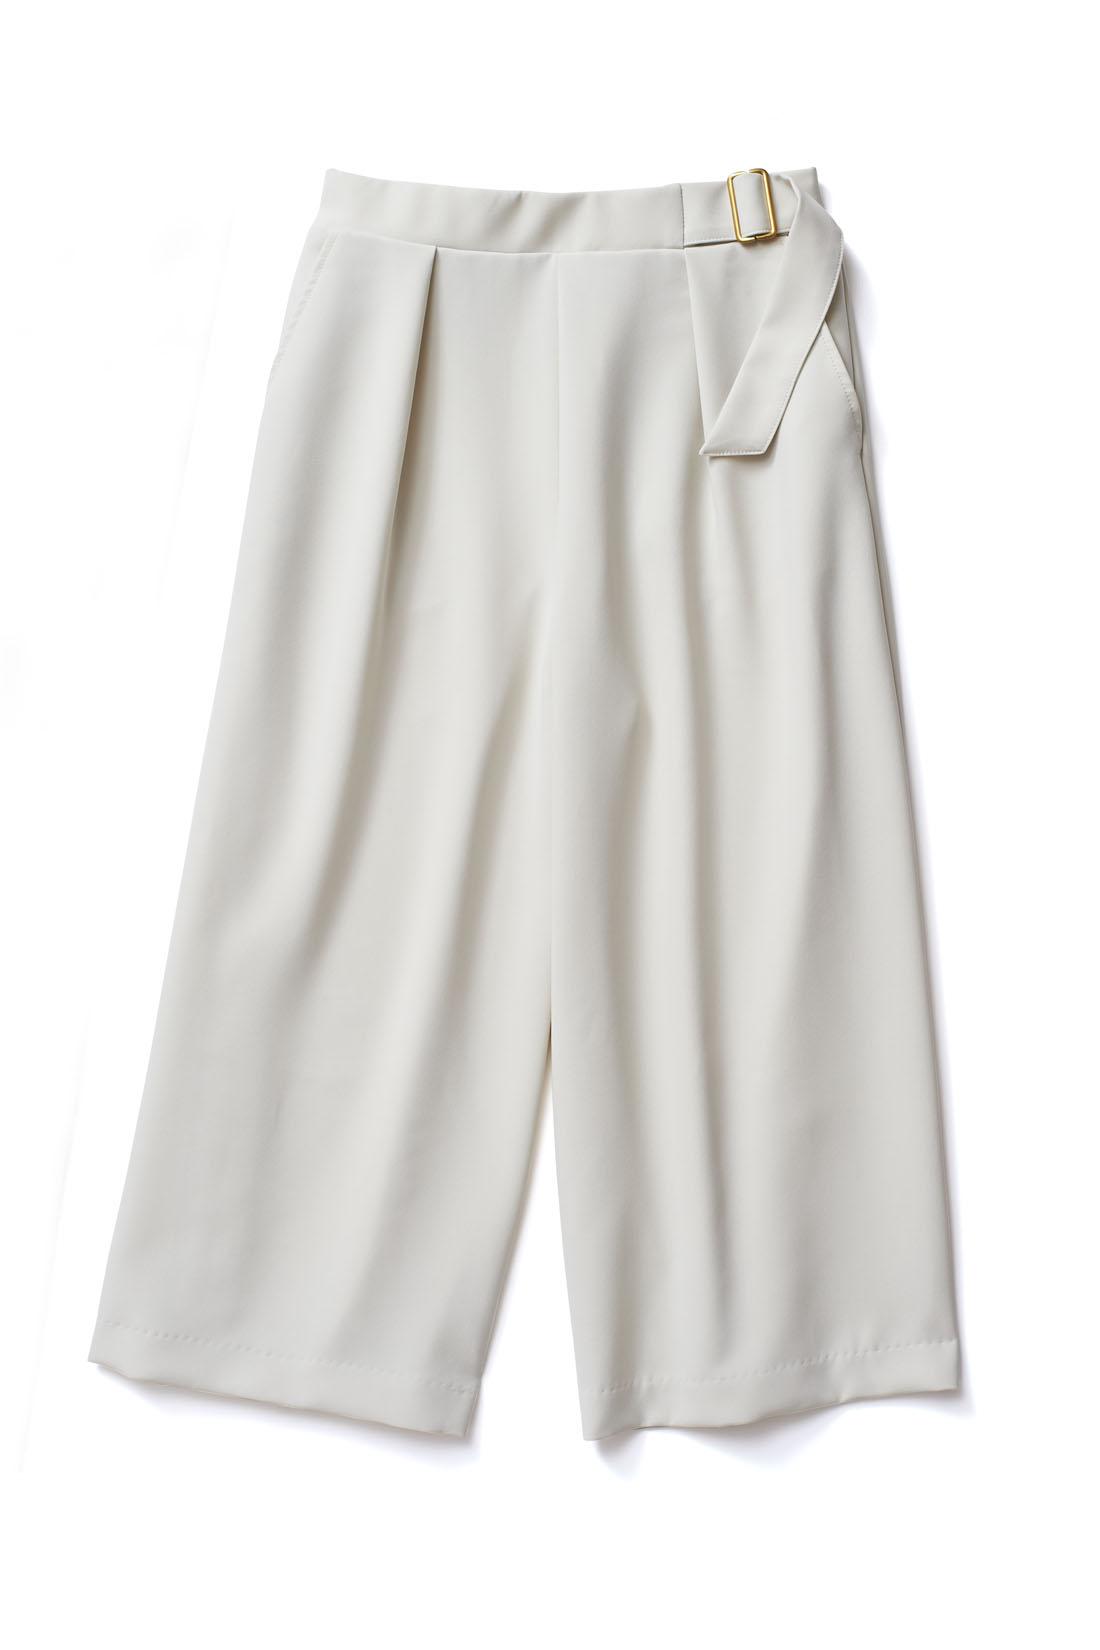 スカート感覚ではける大人仕様のデザイン。ふくらはぎが隠れる丈感は脚の一番細い部分のみが見えるから、すっきりした印象に。